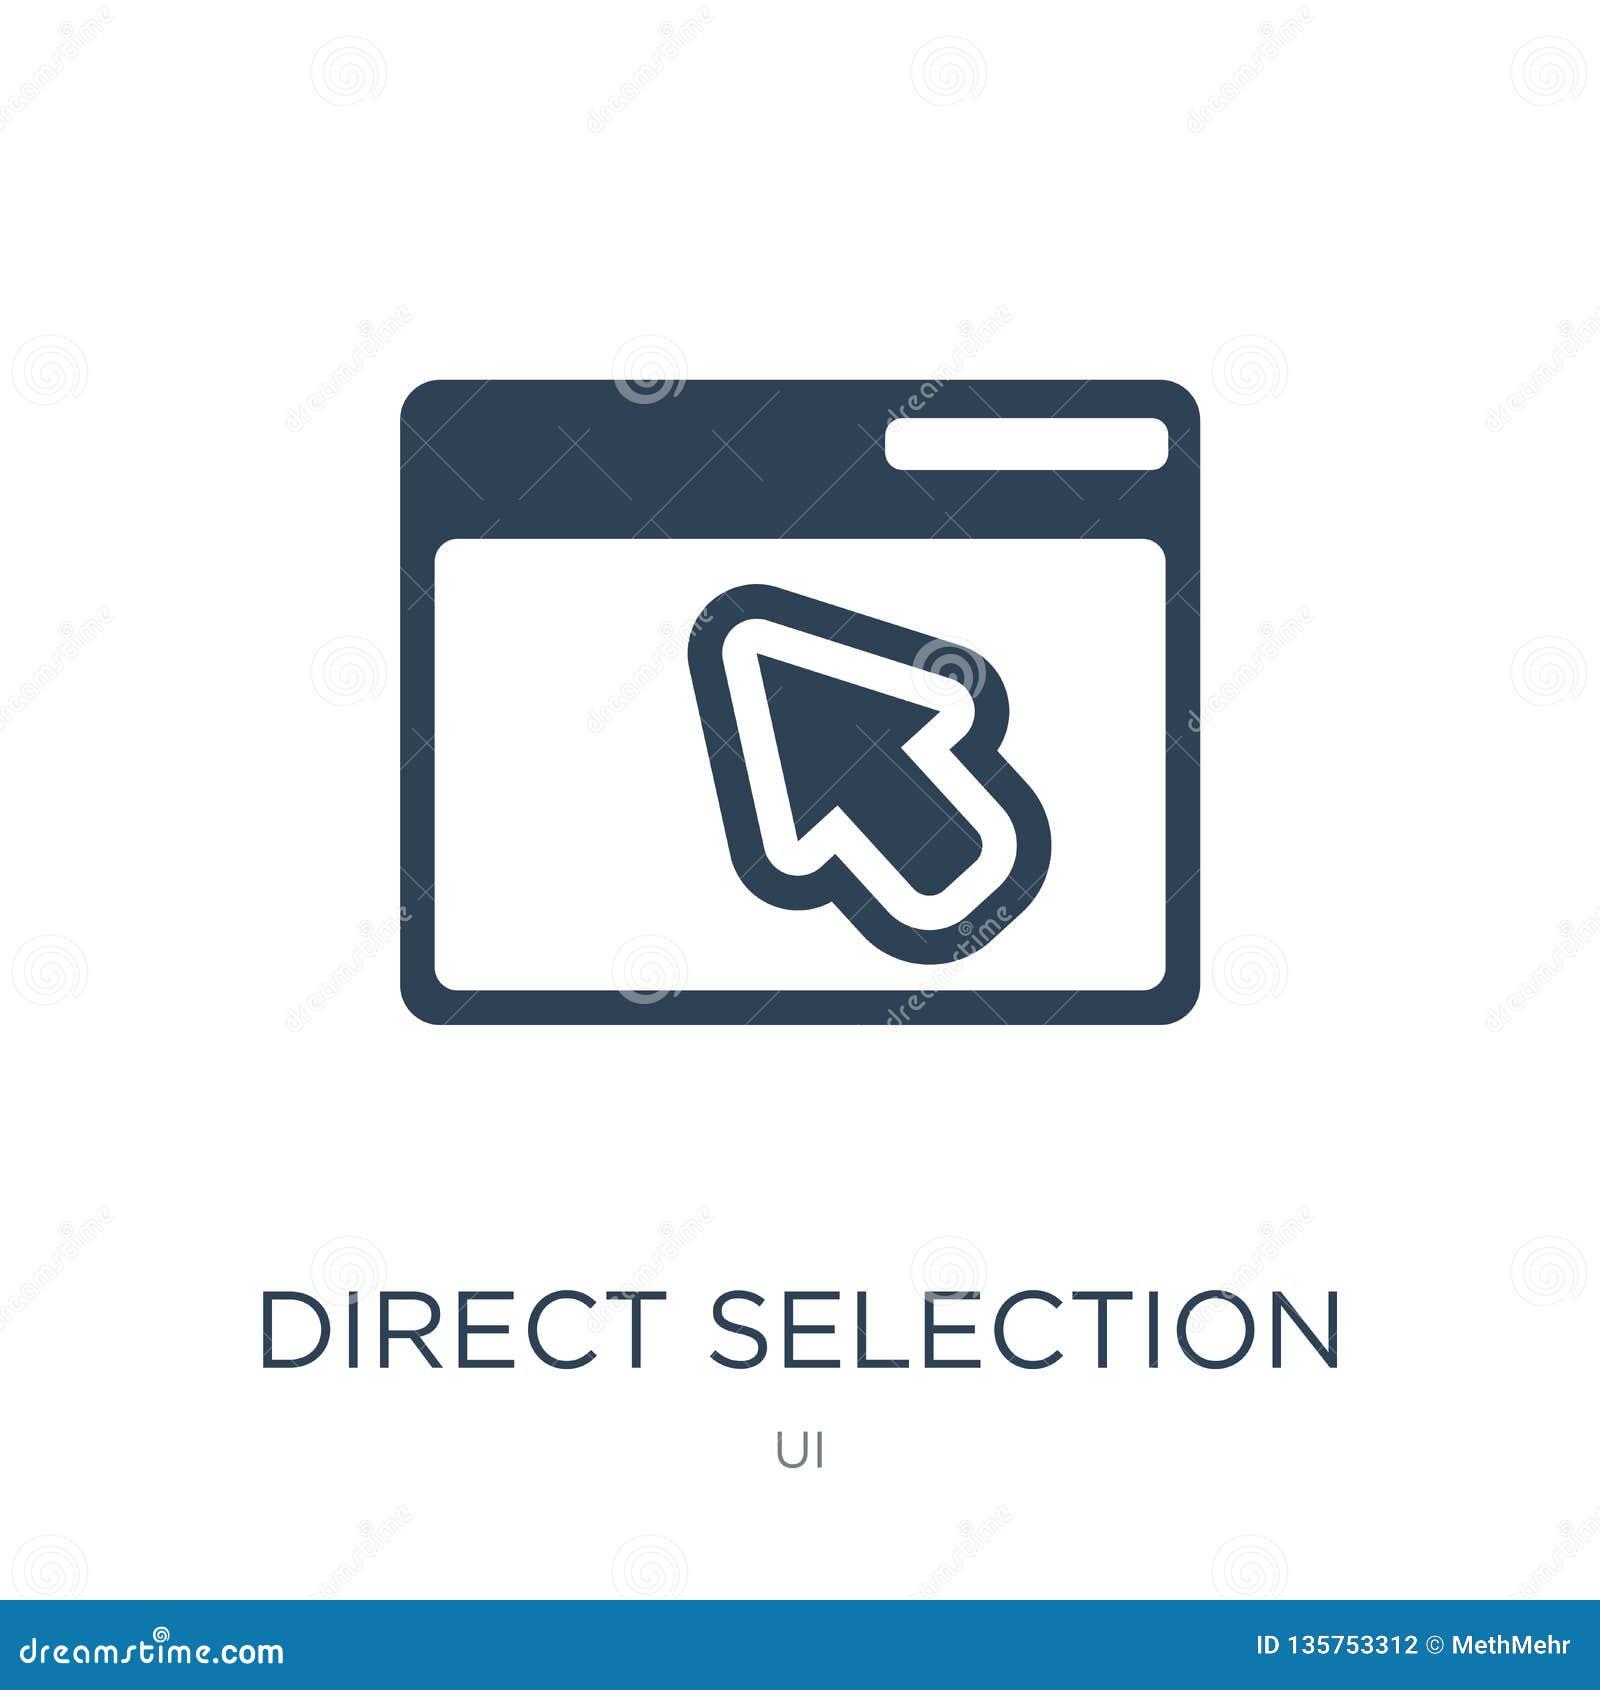 Direct selectiepictogram in in ontwerpstijl direct die selectiepictogram op witte achtergrond wordt geïsoleerd direct selectie ve